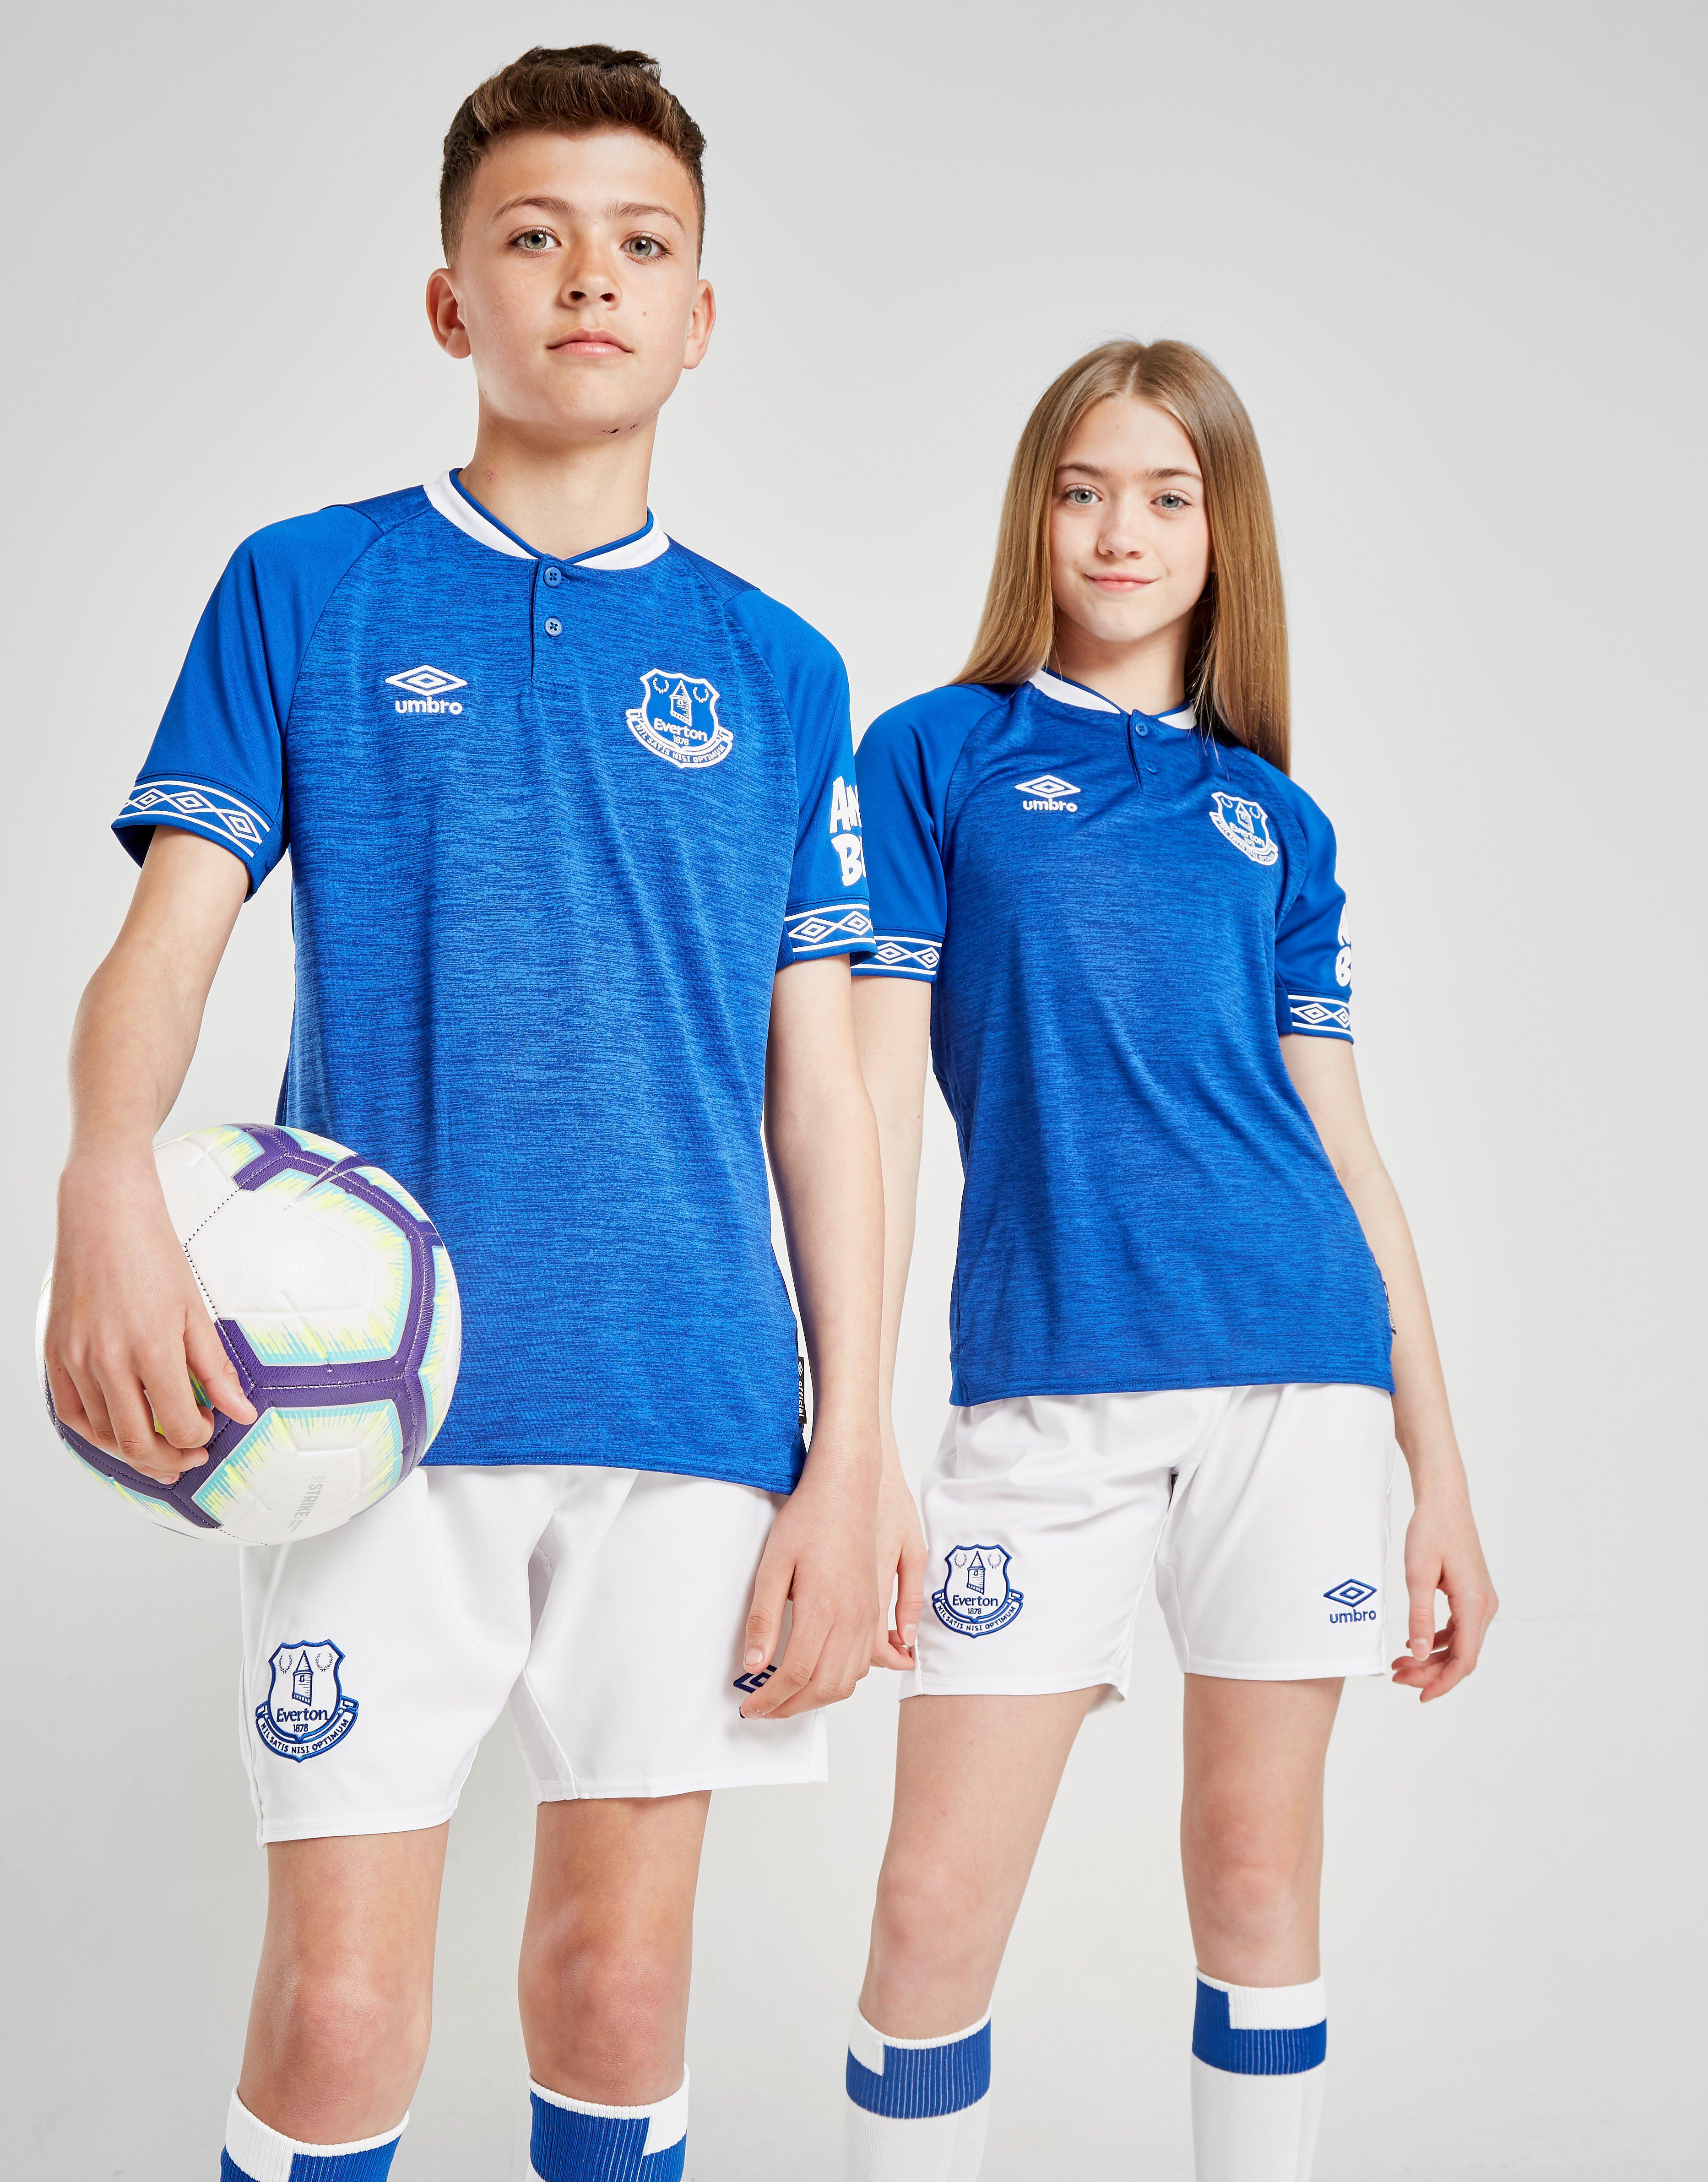 Umbro Everton FC 2018/19 Home Shirt Junior